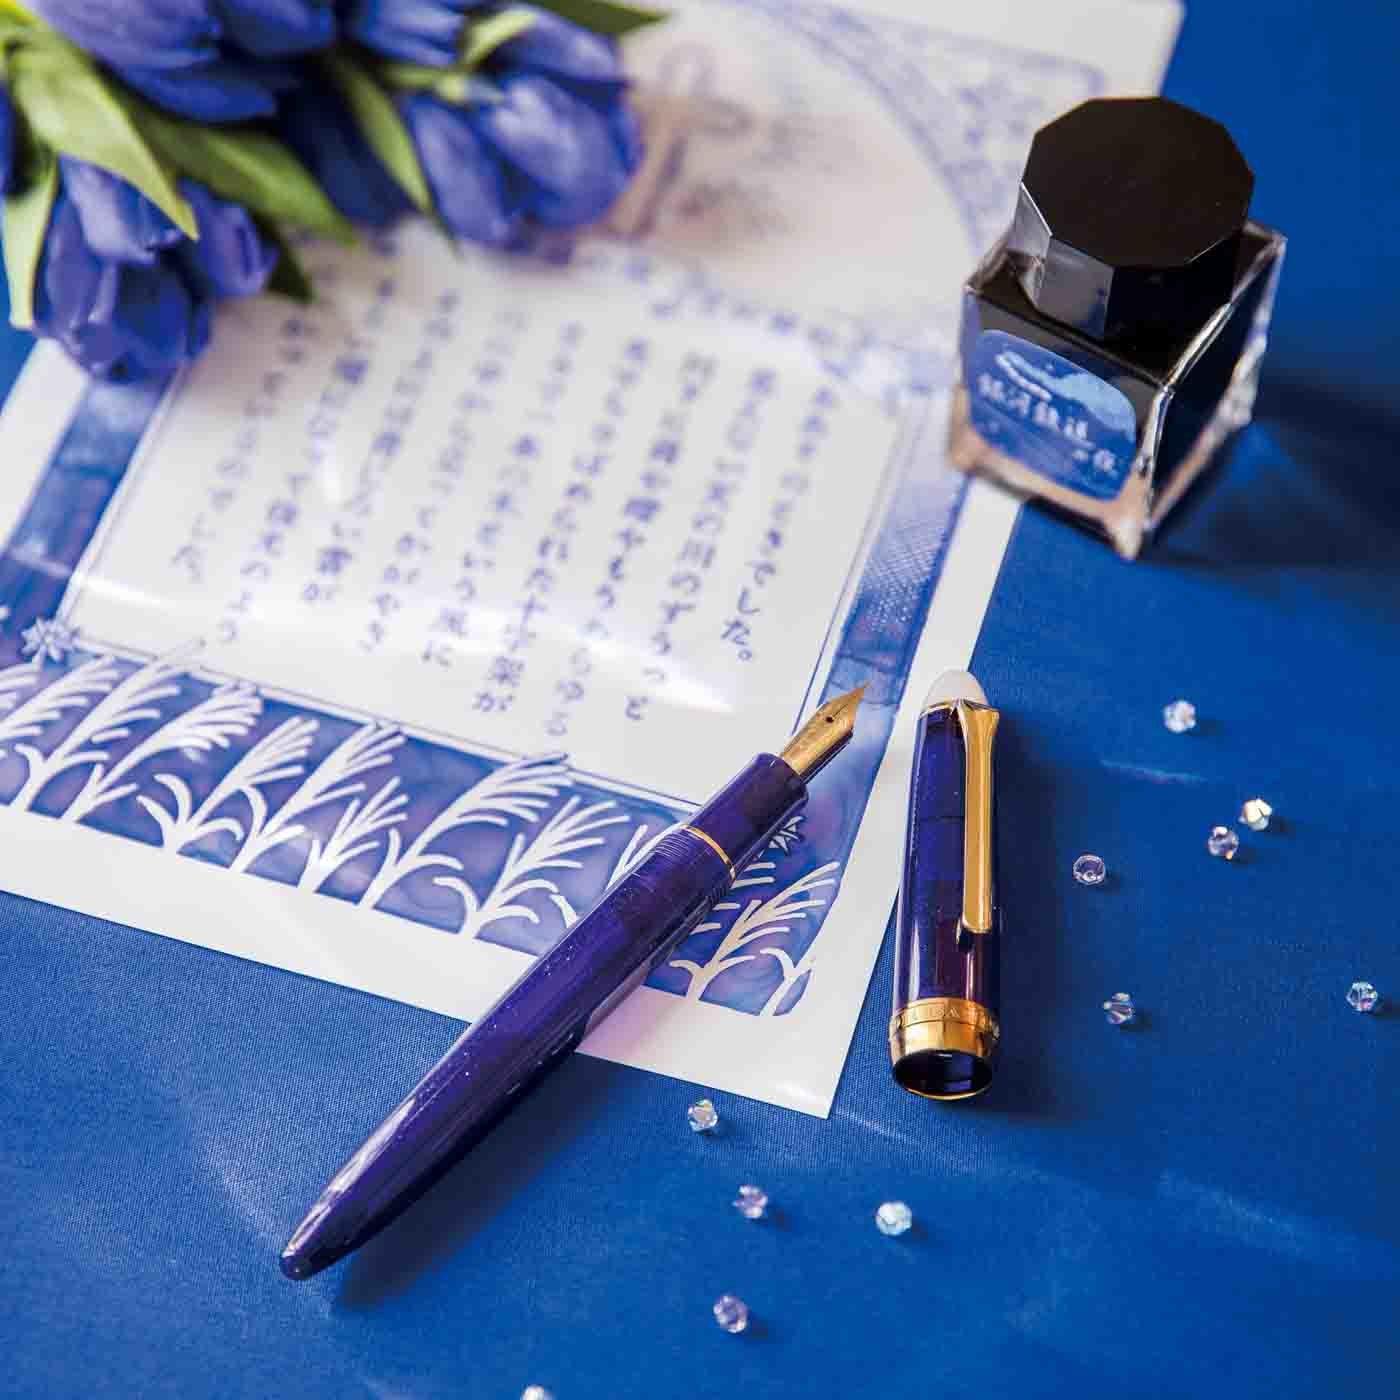 YOU+MORE! 日本近現代文学の世界をより楽しむための万年筆&コンバーターセット